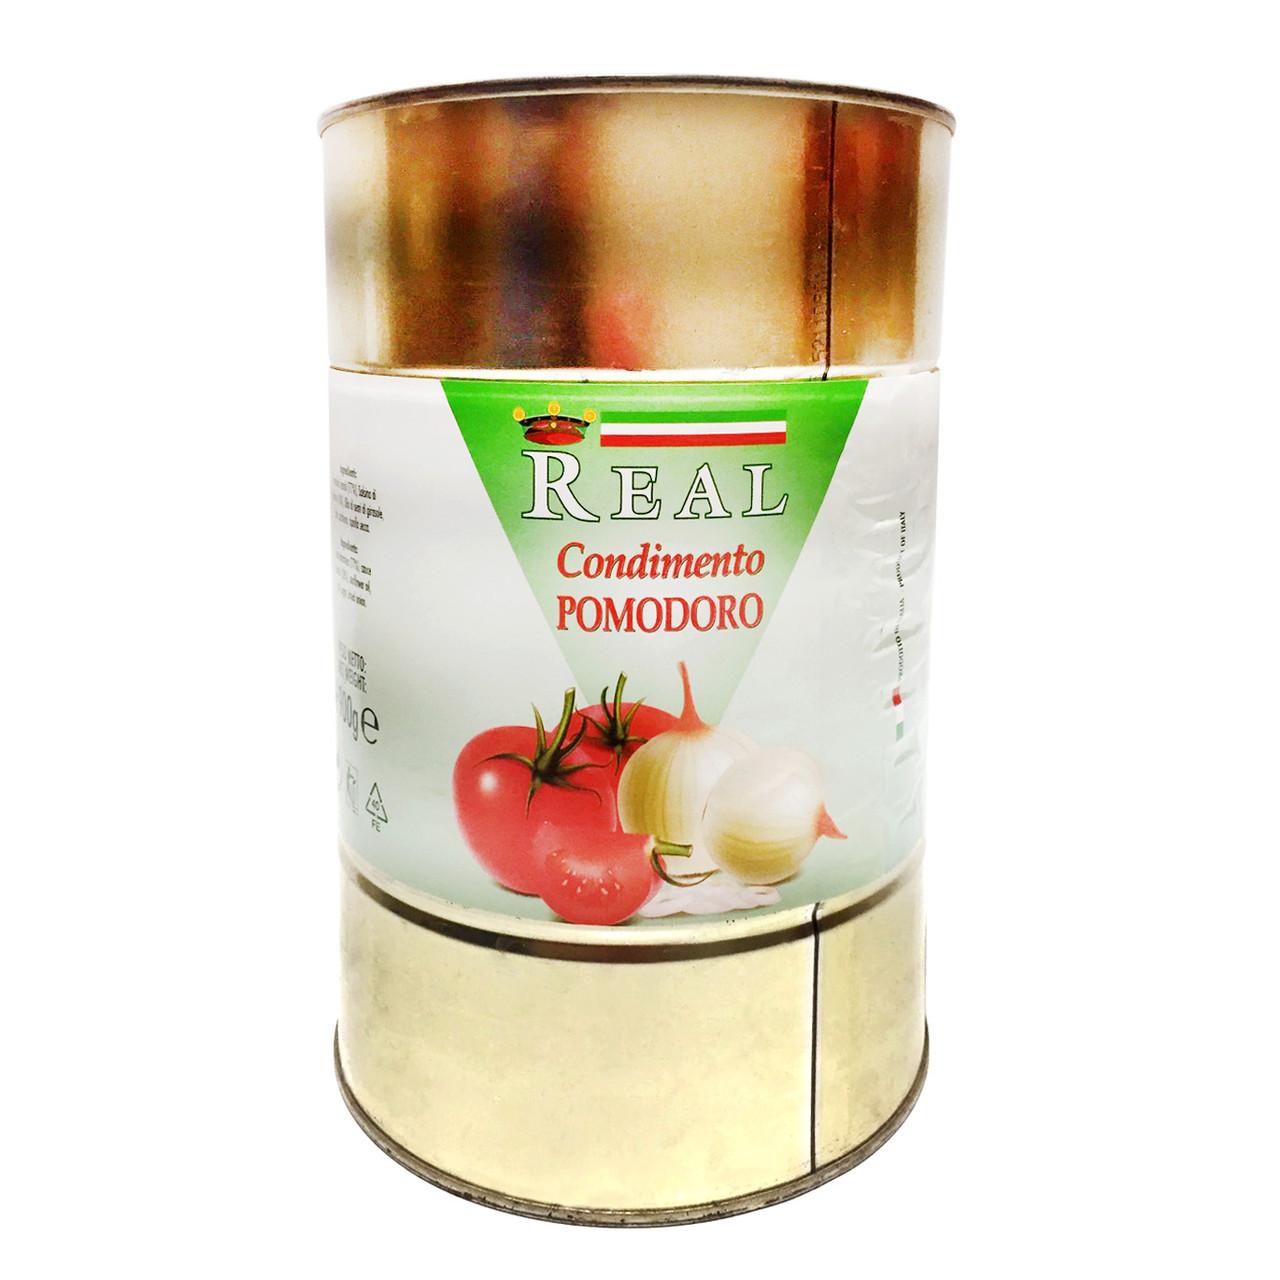 Помідори перетерті REAL Condimento Pomodoro, ж/б, 4,15кг, 6шт/ящ